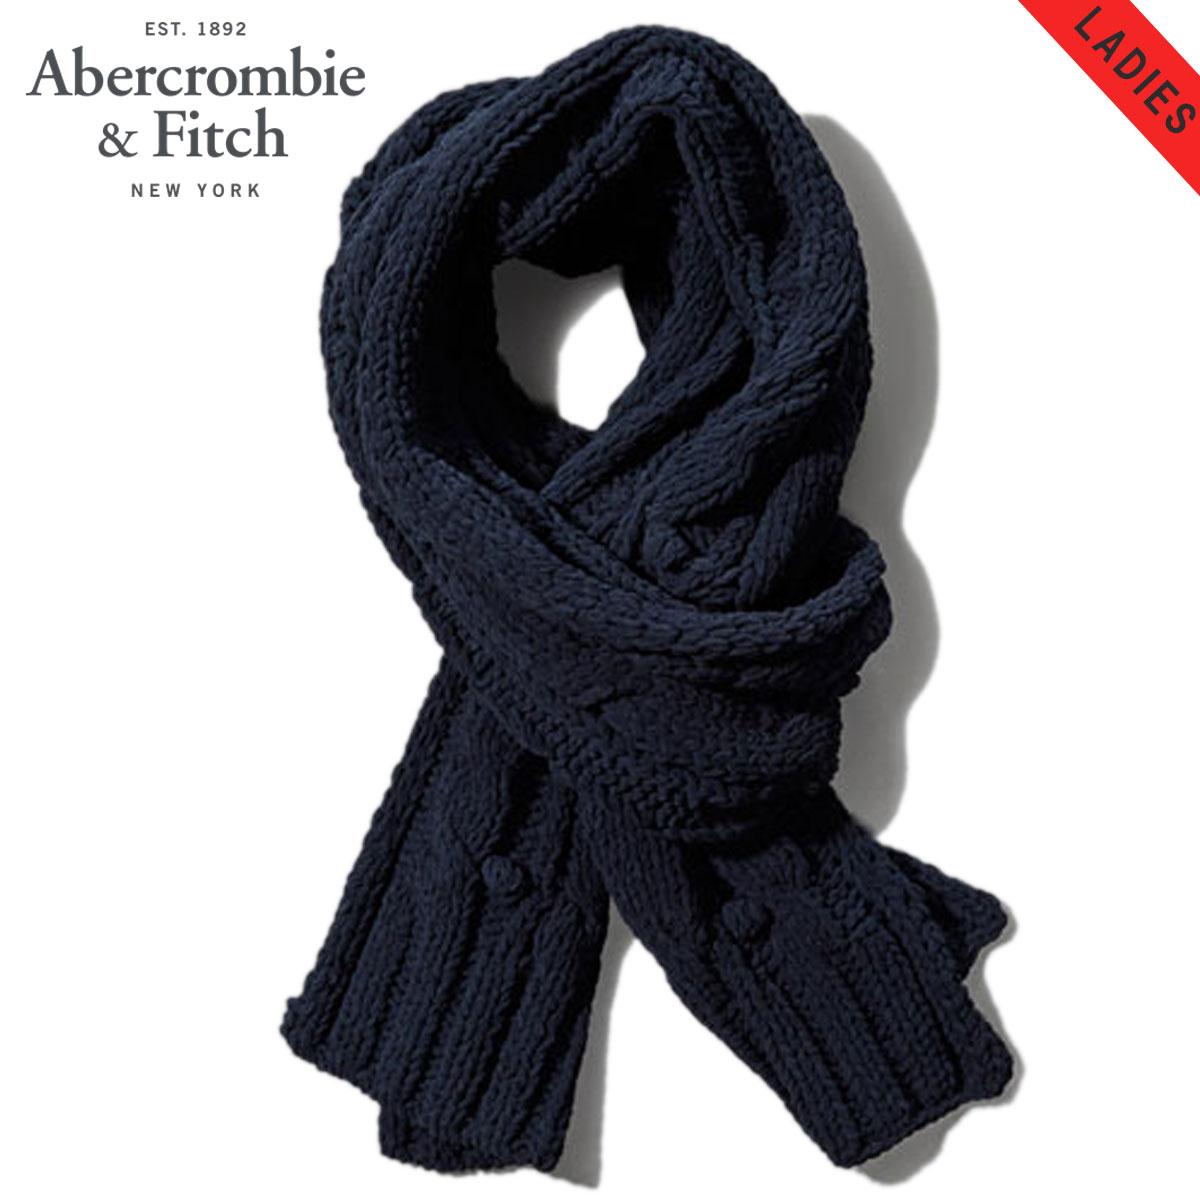 【販売期間 10/18 10:00〜10/26 1:59】 アバクロ Abercrombie&Fitch 正規品 スカーフ Cable Knit Winter Scarf 154-540-0313-023 D15S25